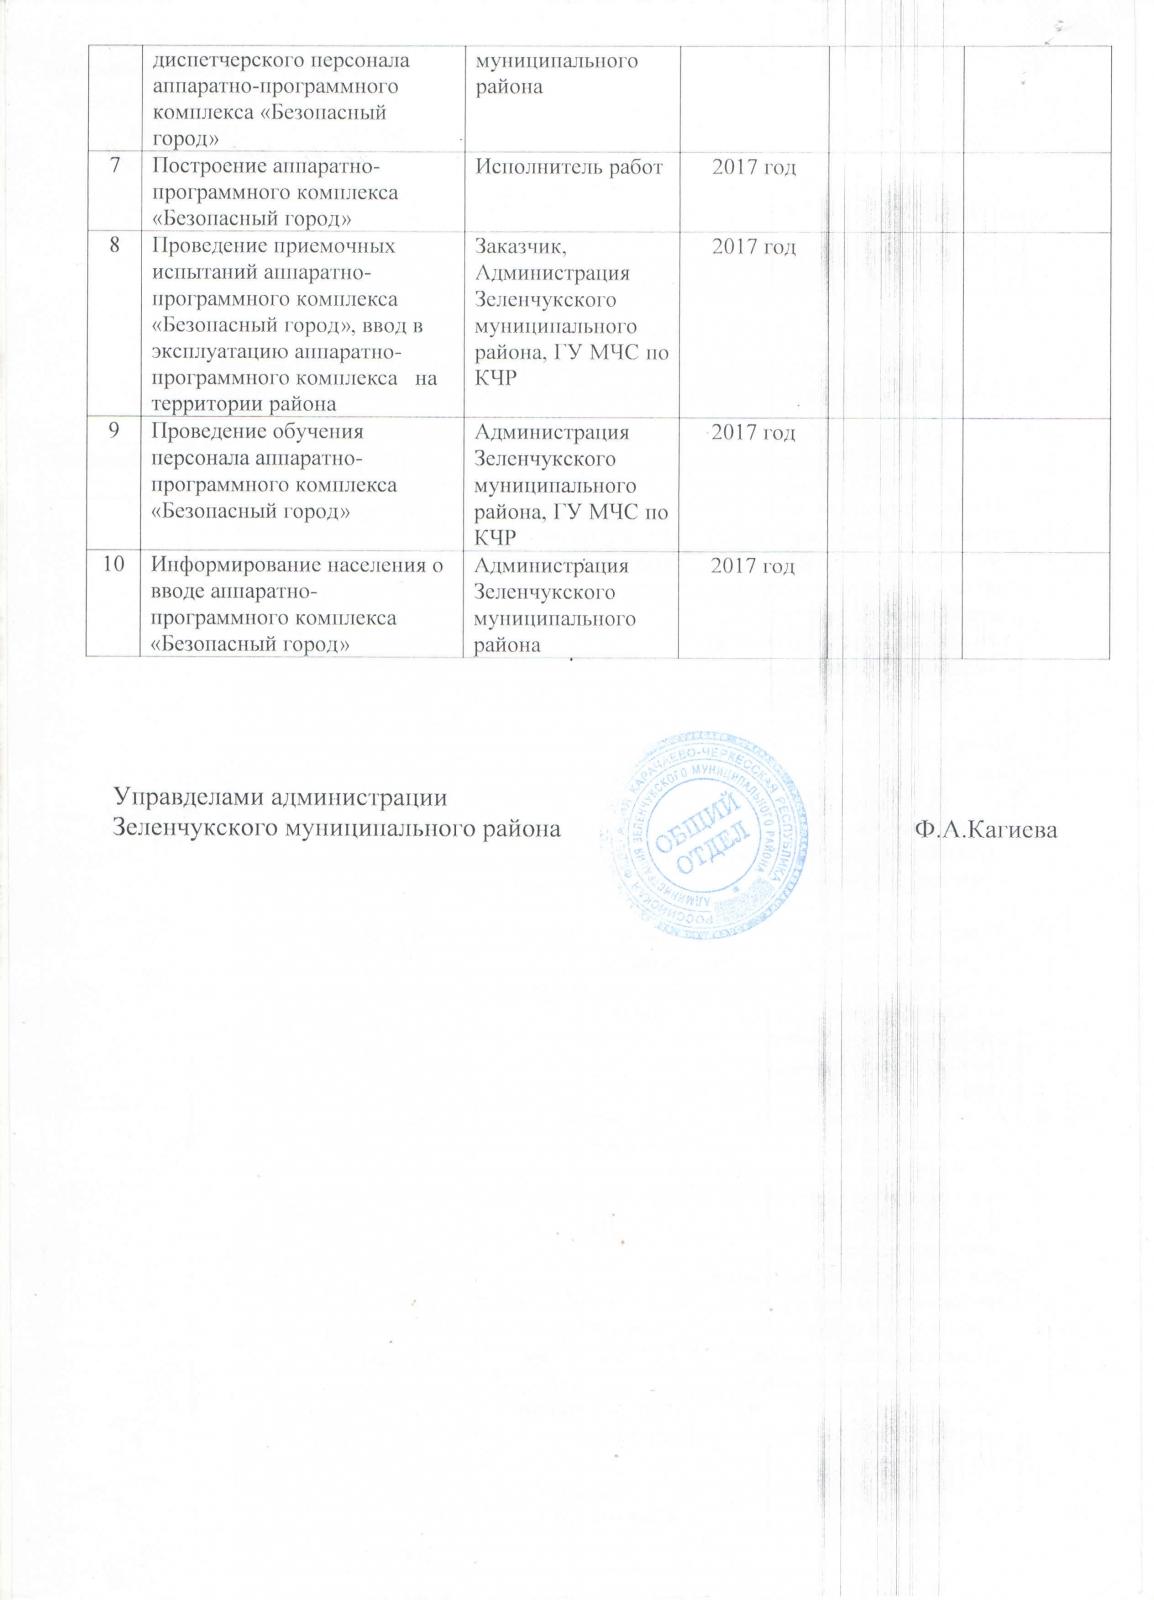 """Планы мероприятий по построению (развитию) и внедрению АПК """"Безопасный город""""  муниципальных образований"""